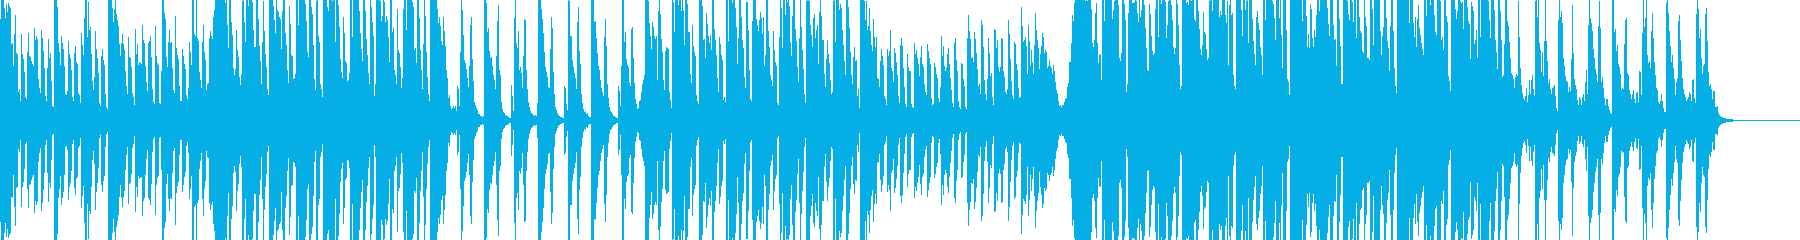 洋楽POP/ロックなリズム/アンセムの再生済みの波形